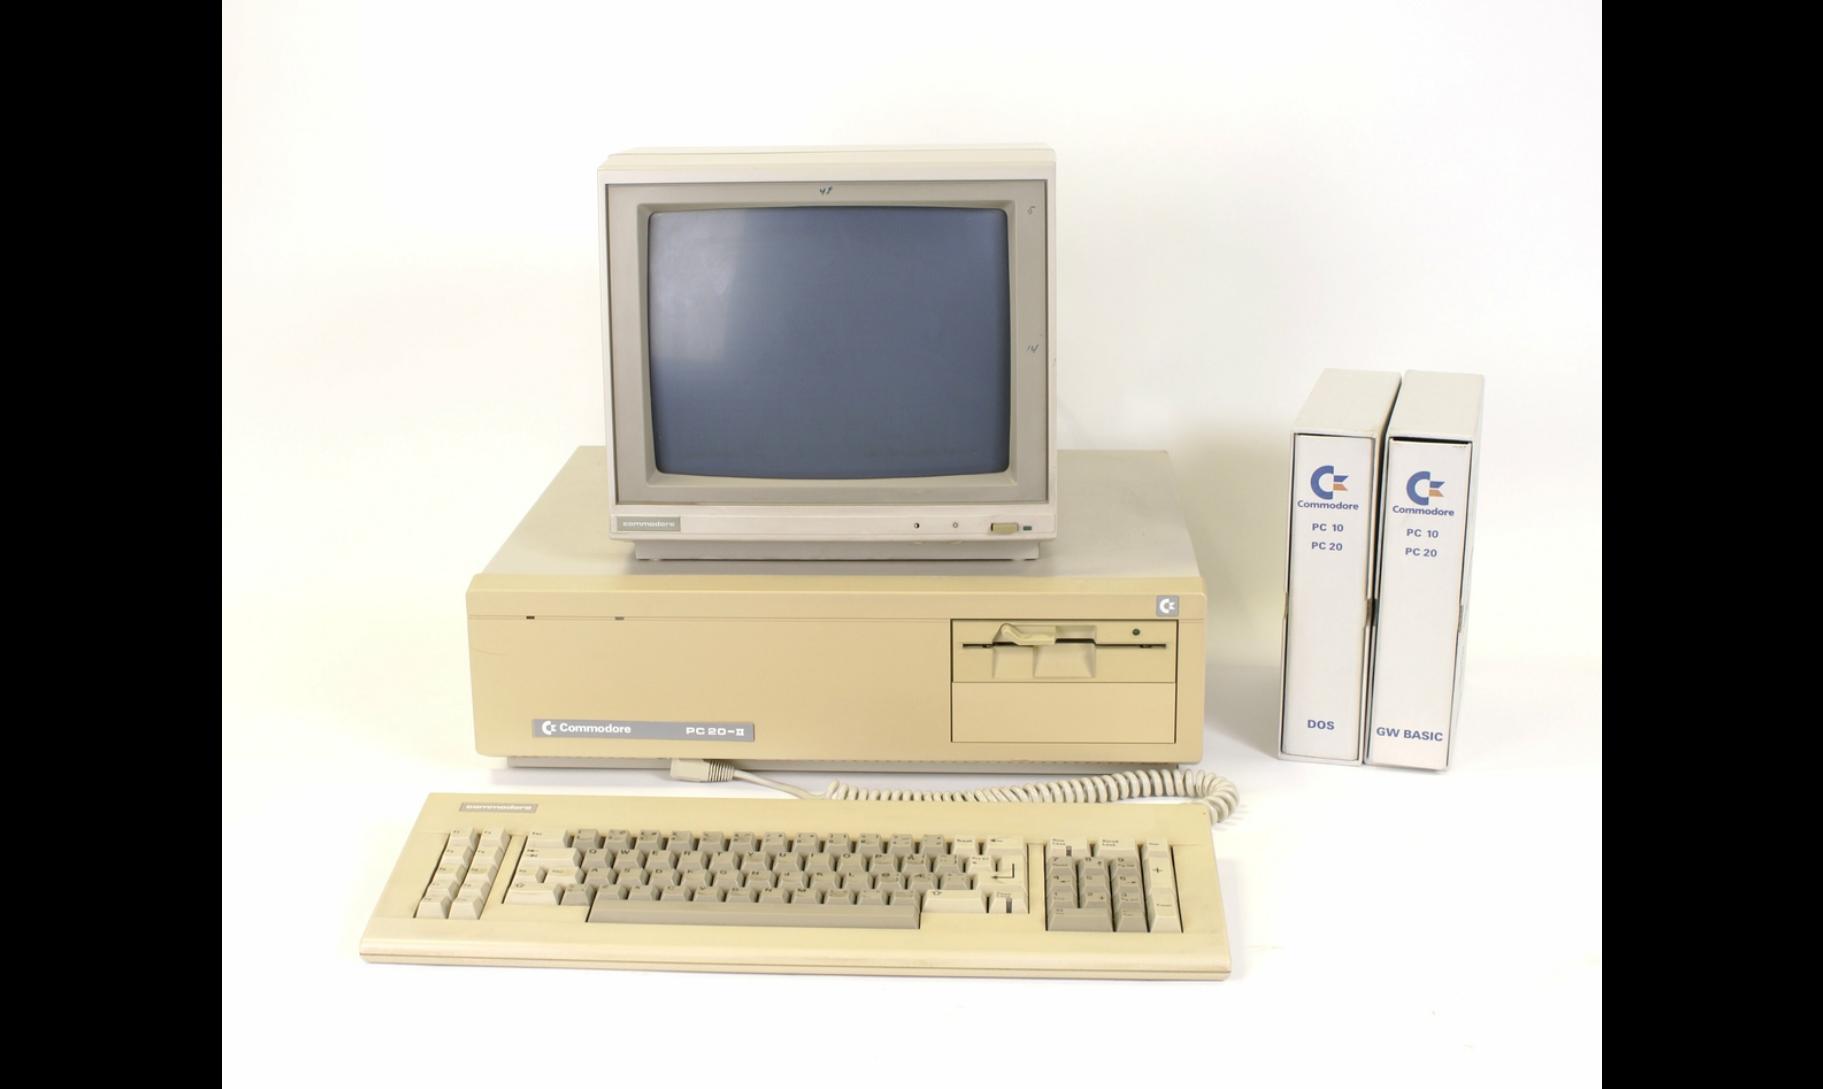 Commodore PC-20 II